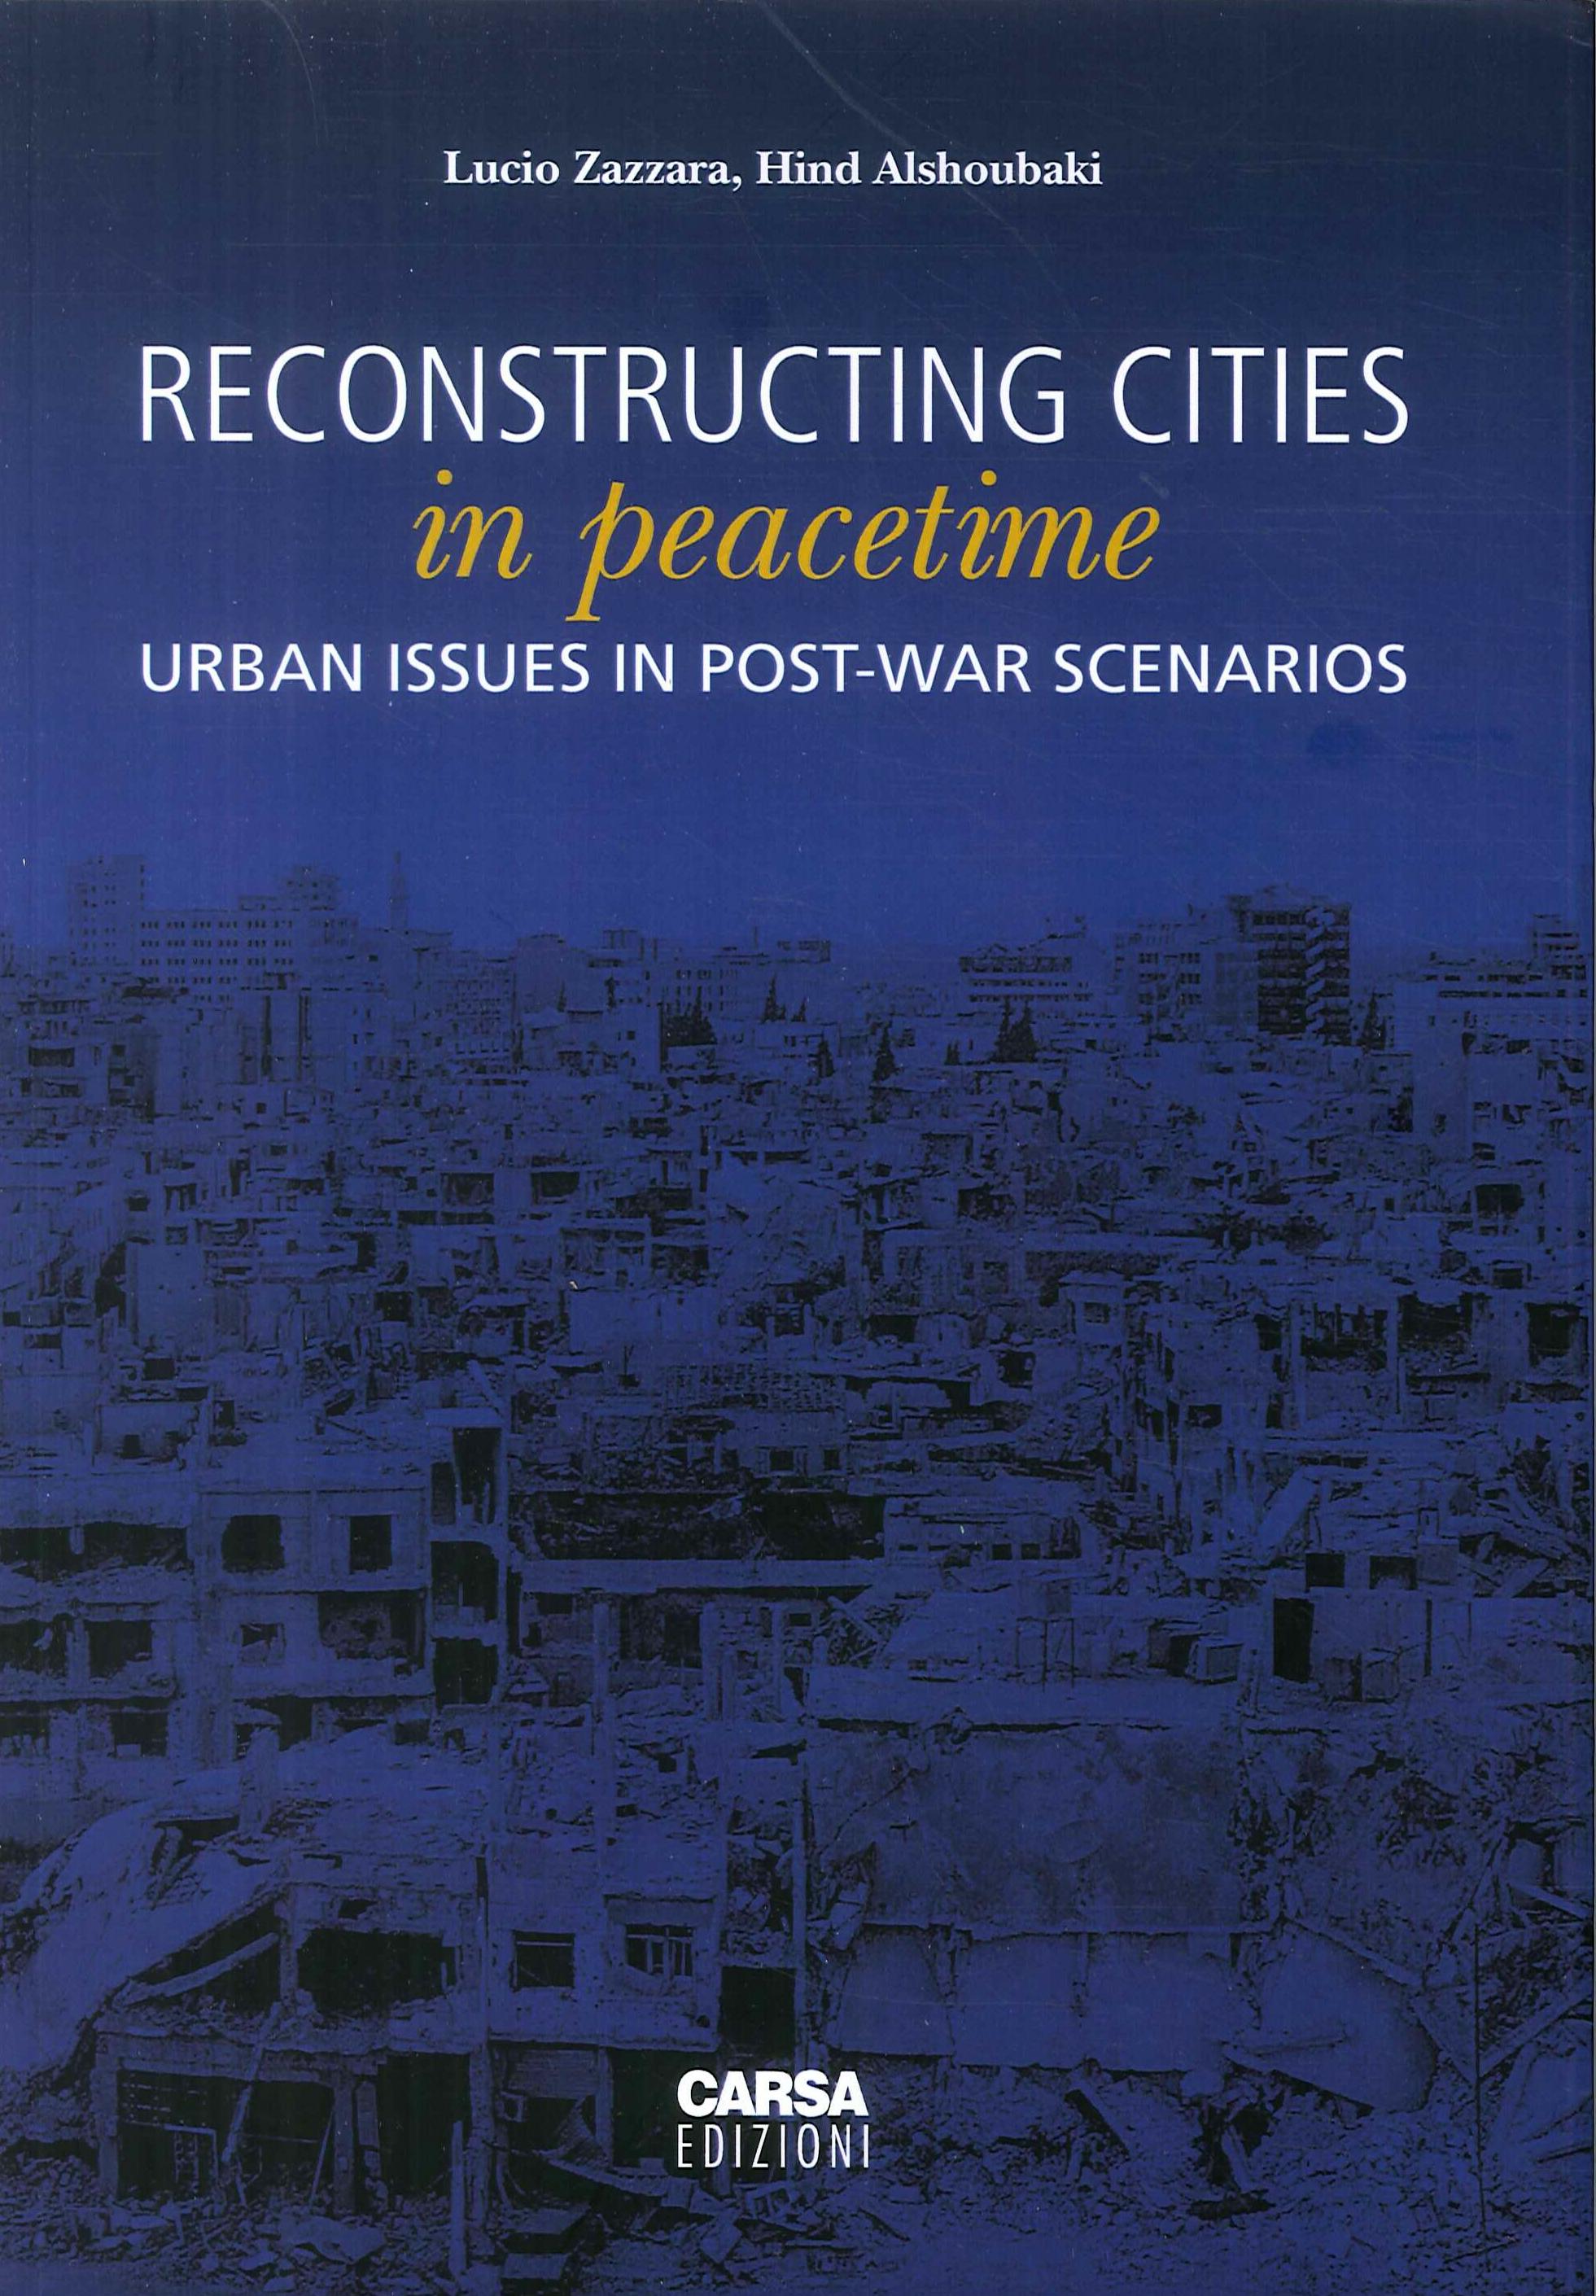 Reconstructing cities in peacetime. Urban issue in post-war scenarios